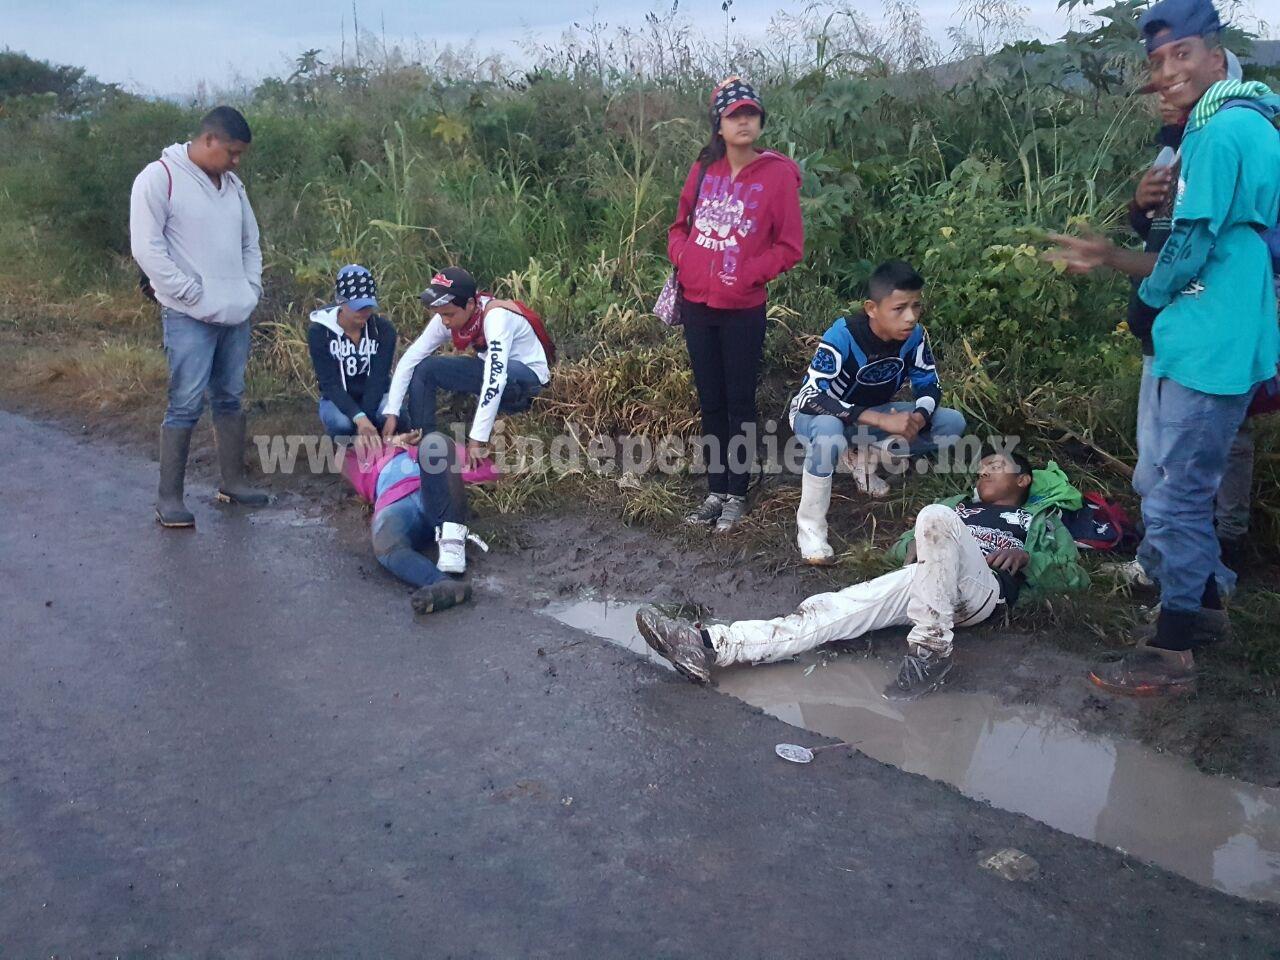 Camioneta embiste y lesiona a tres campesinos en el camino a Atacheo